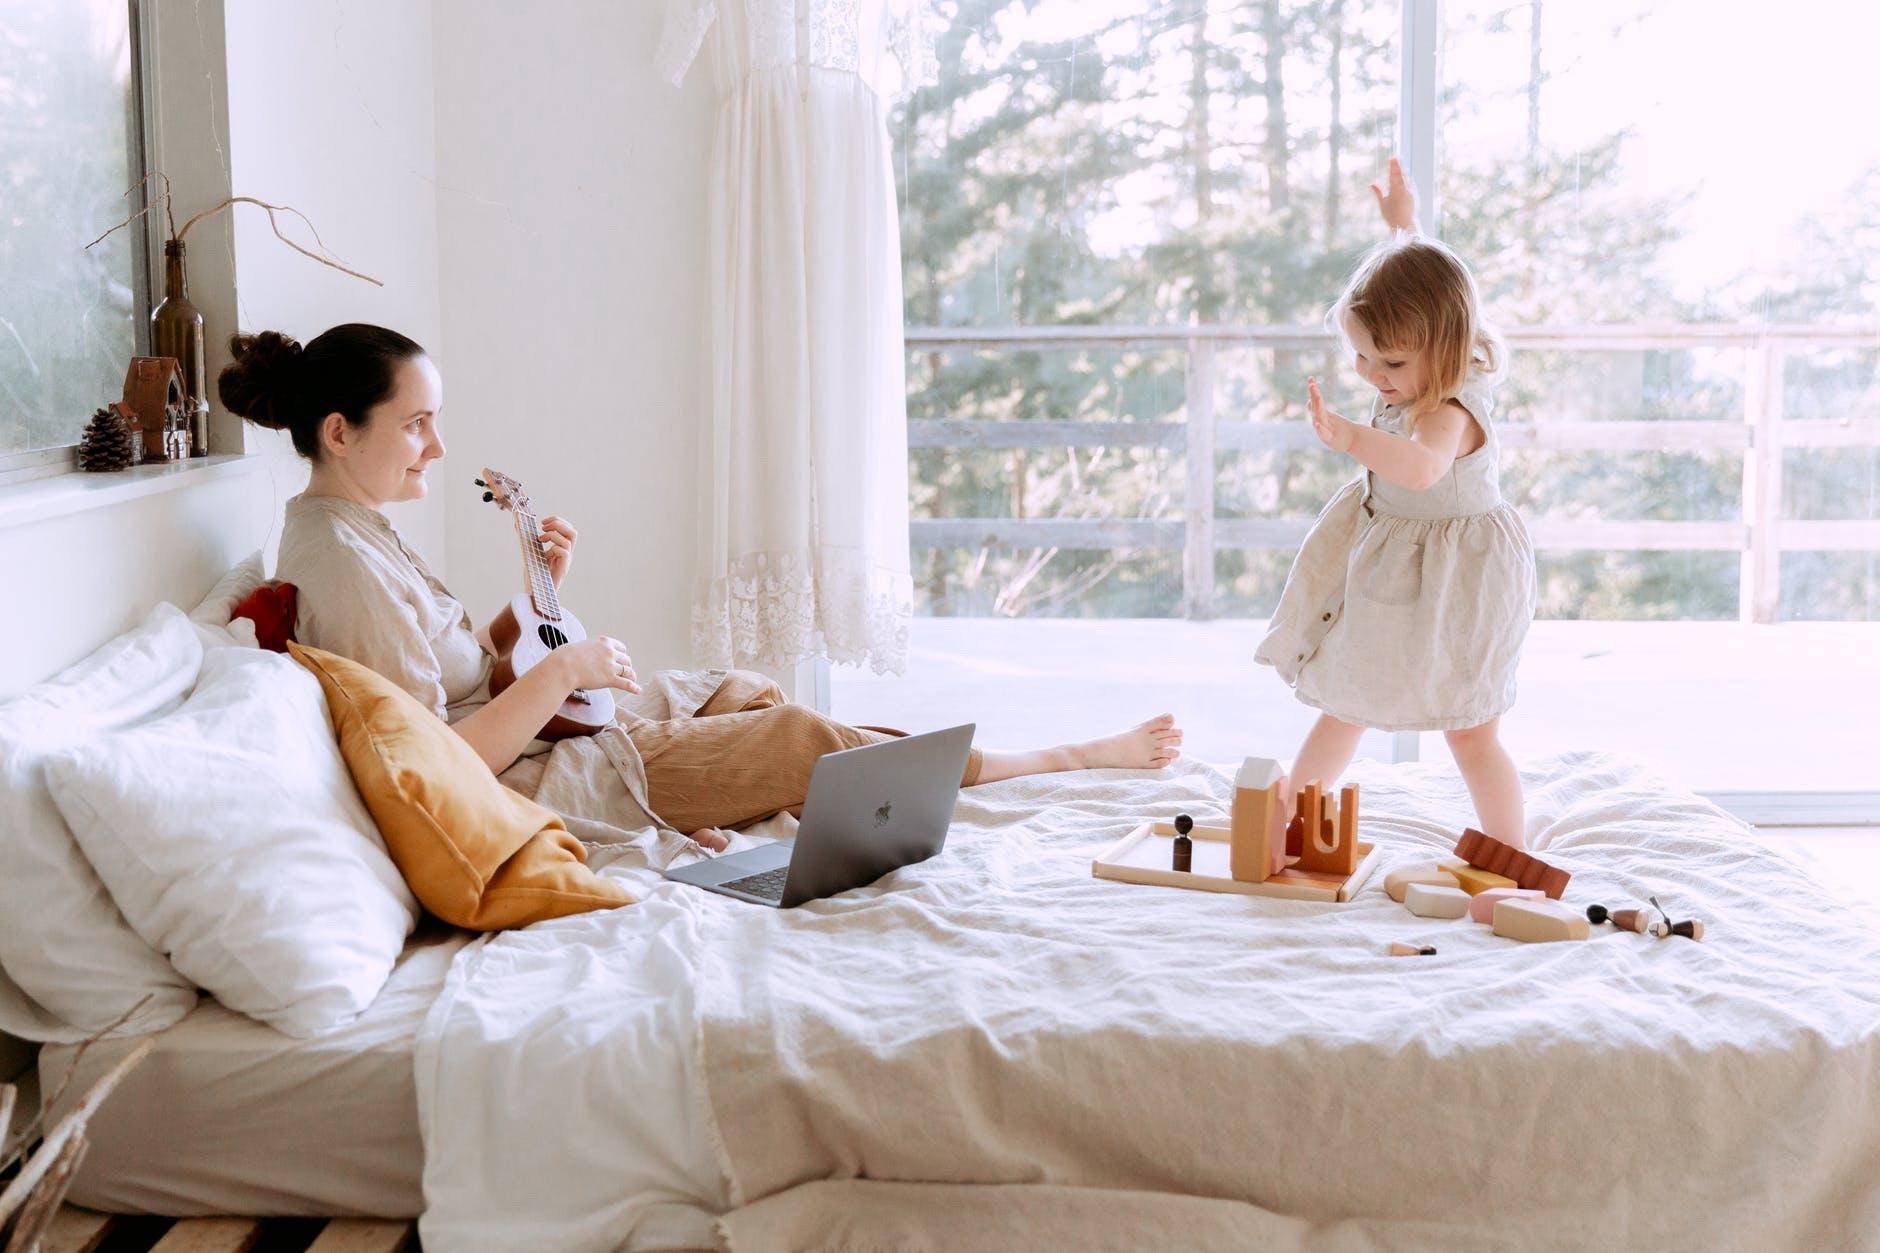 Mutter spielt mit Mädchen im Bett